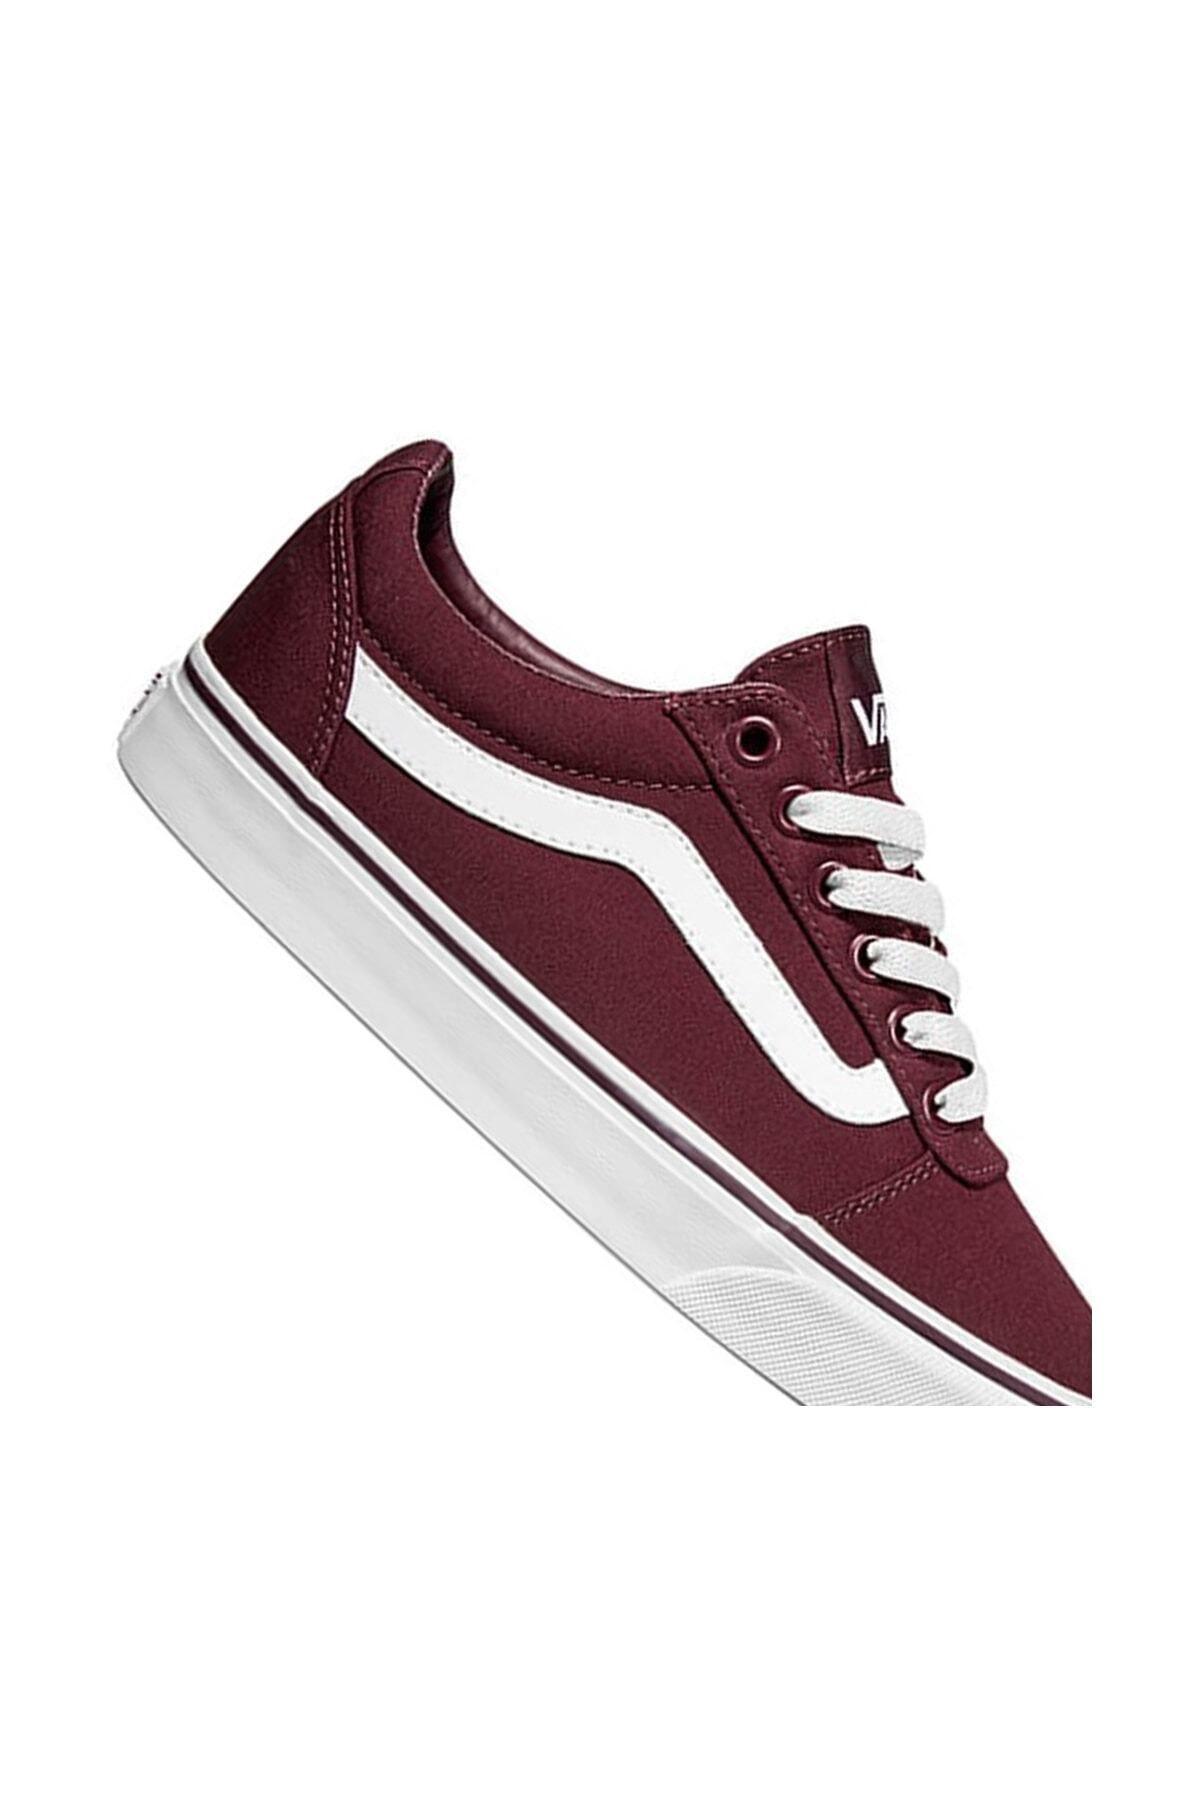 Vans WM WARD Bordo Kadın Sneaker Ayakkabı 100575289 2